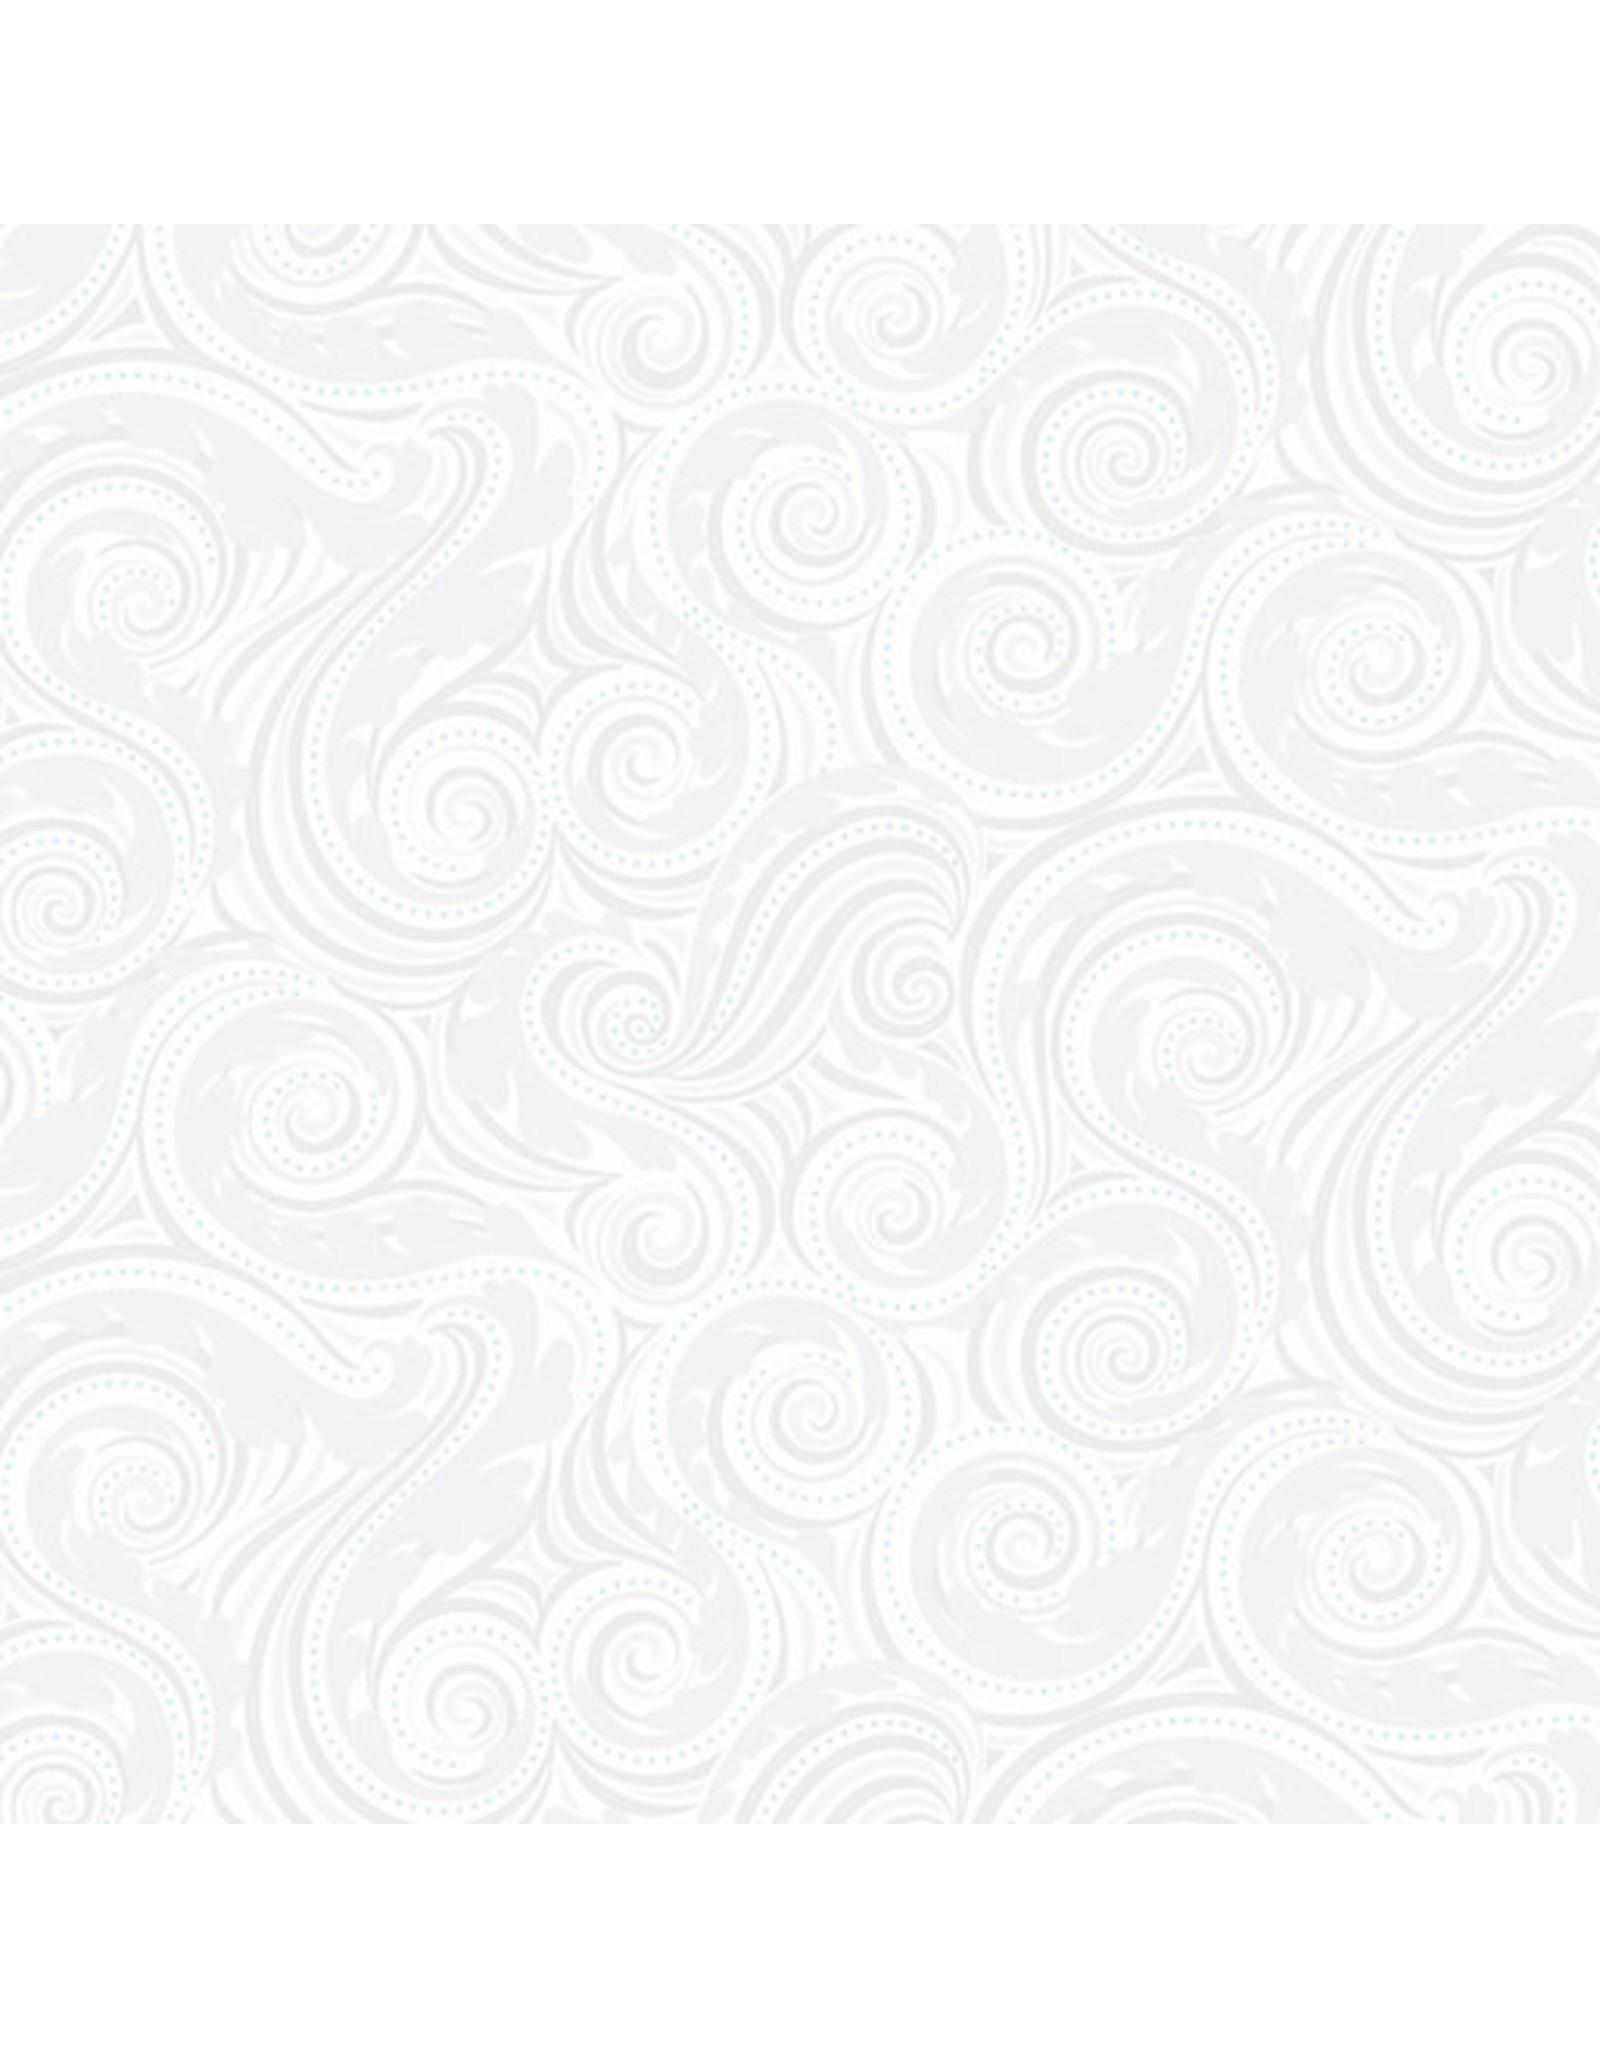 Contempo Crescendo - Waves White